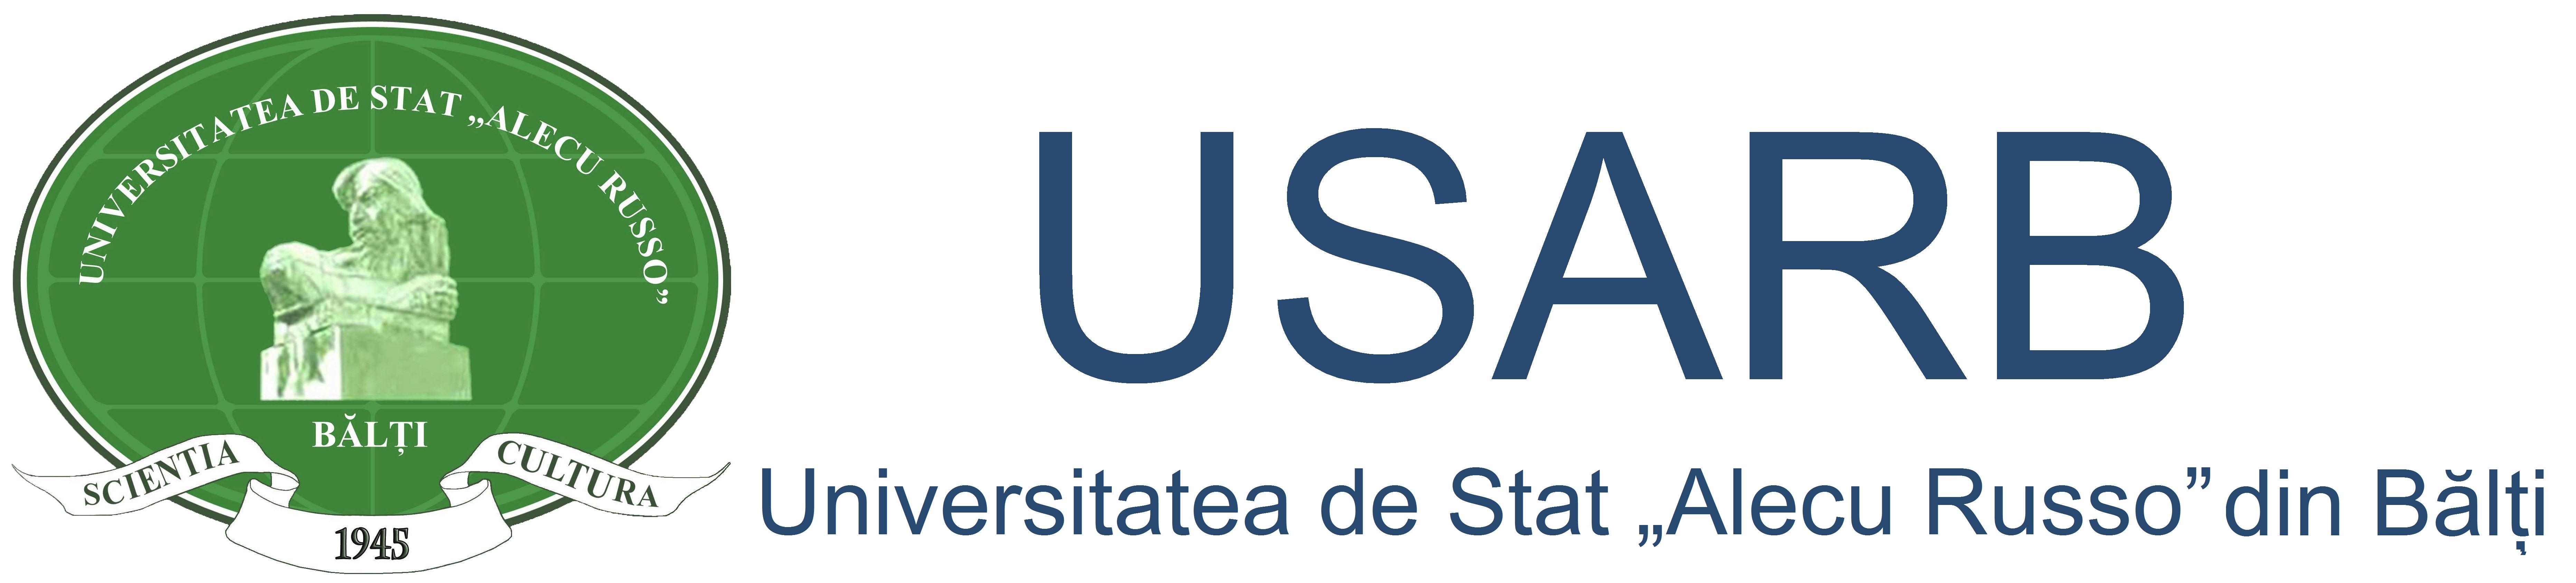 usarb – Universitatea de Stat Alecu Russo din Bălți